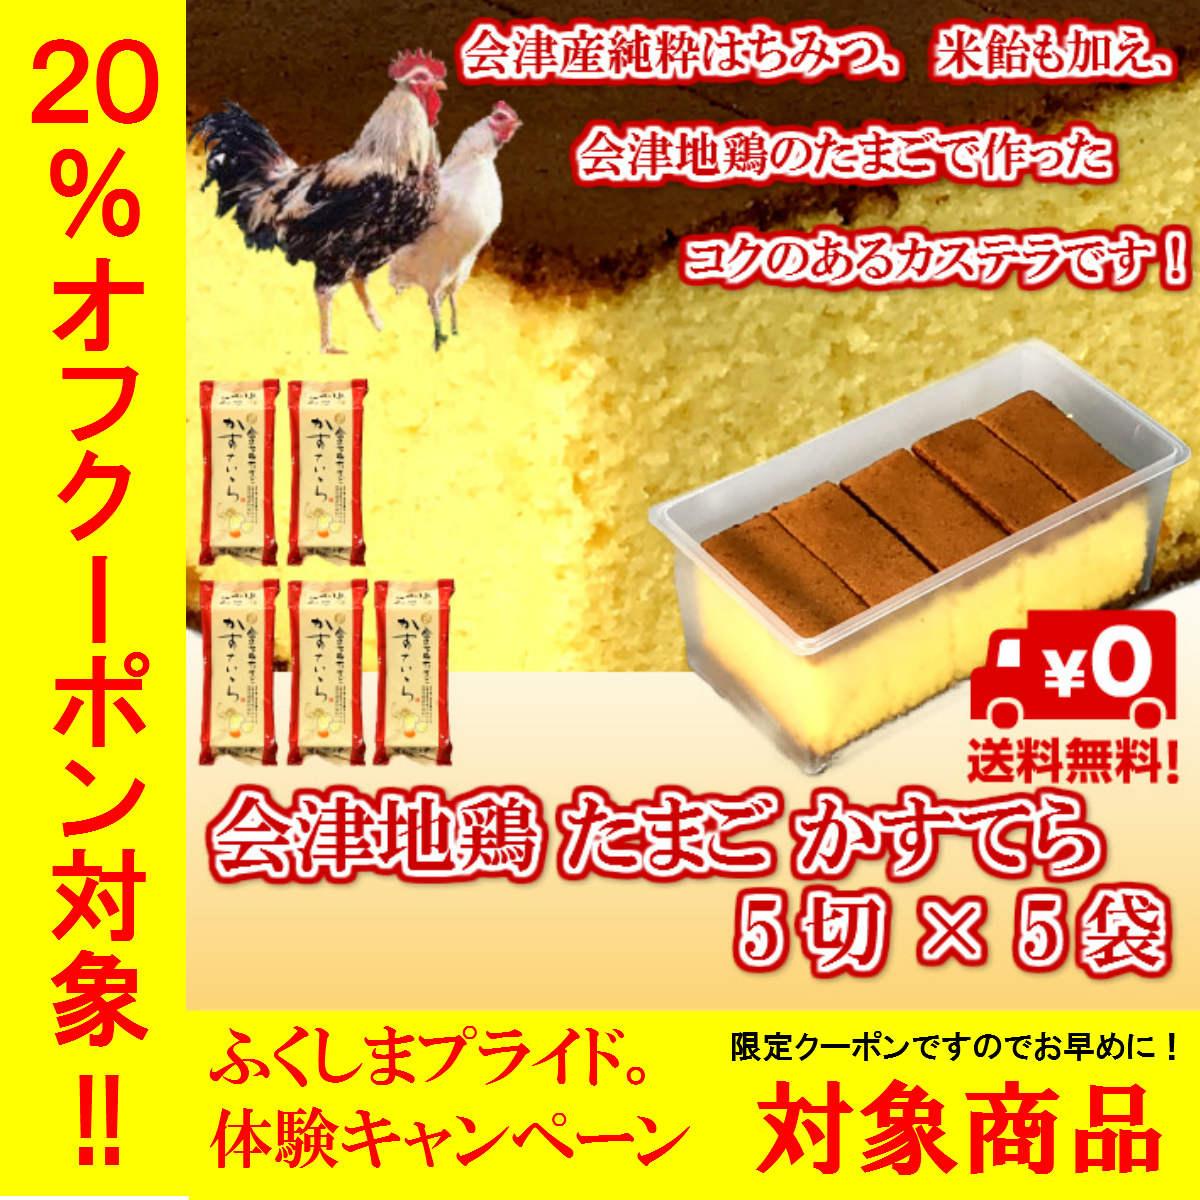 会津地鶏 カステラ かすてら 会津地鶏ネット 送料無料 5切 x 5袋 ふくしまプライド